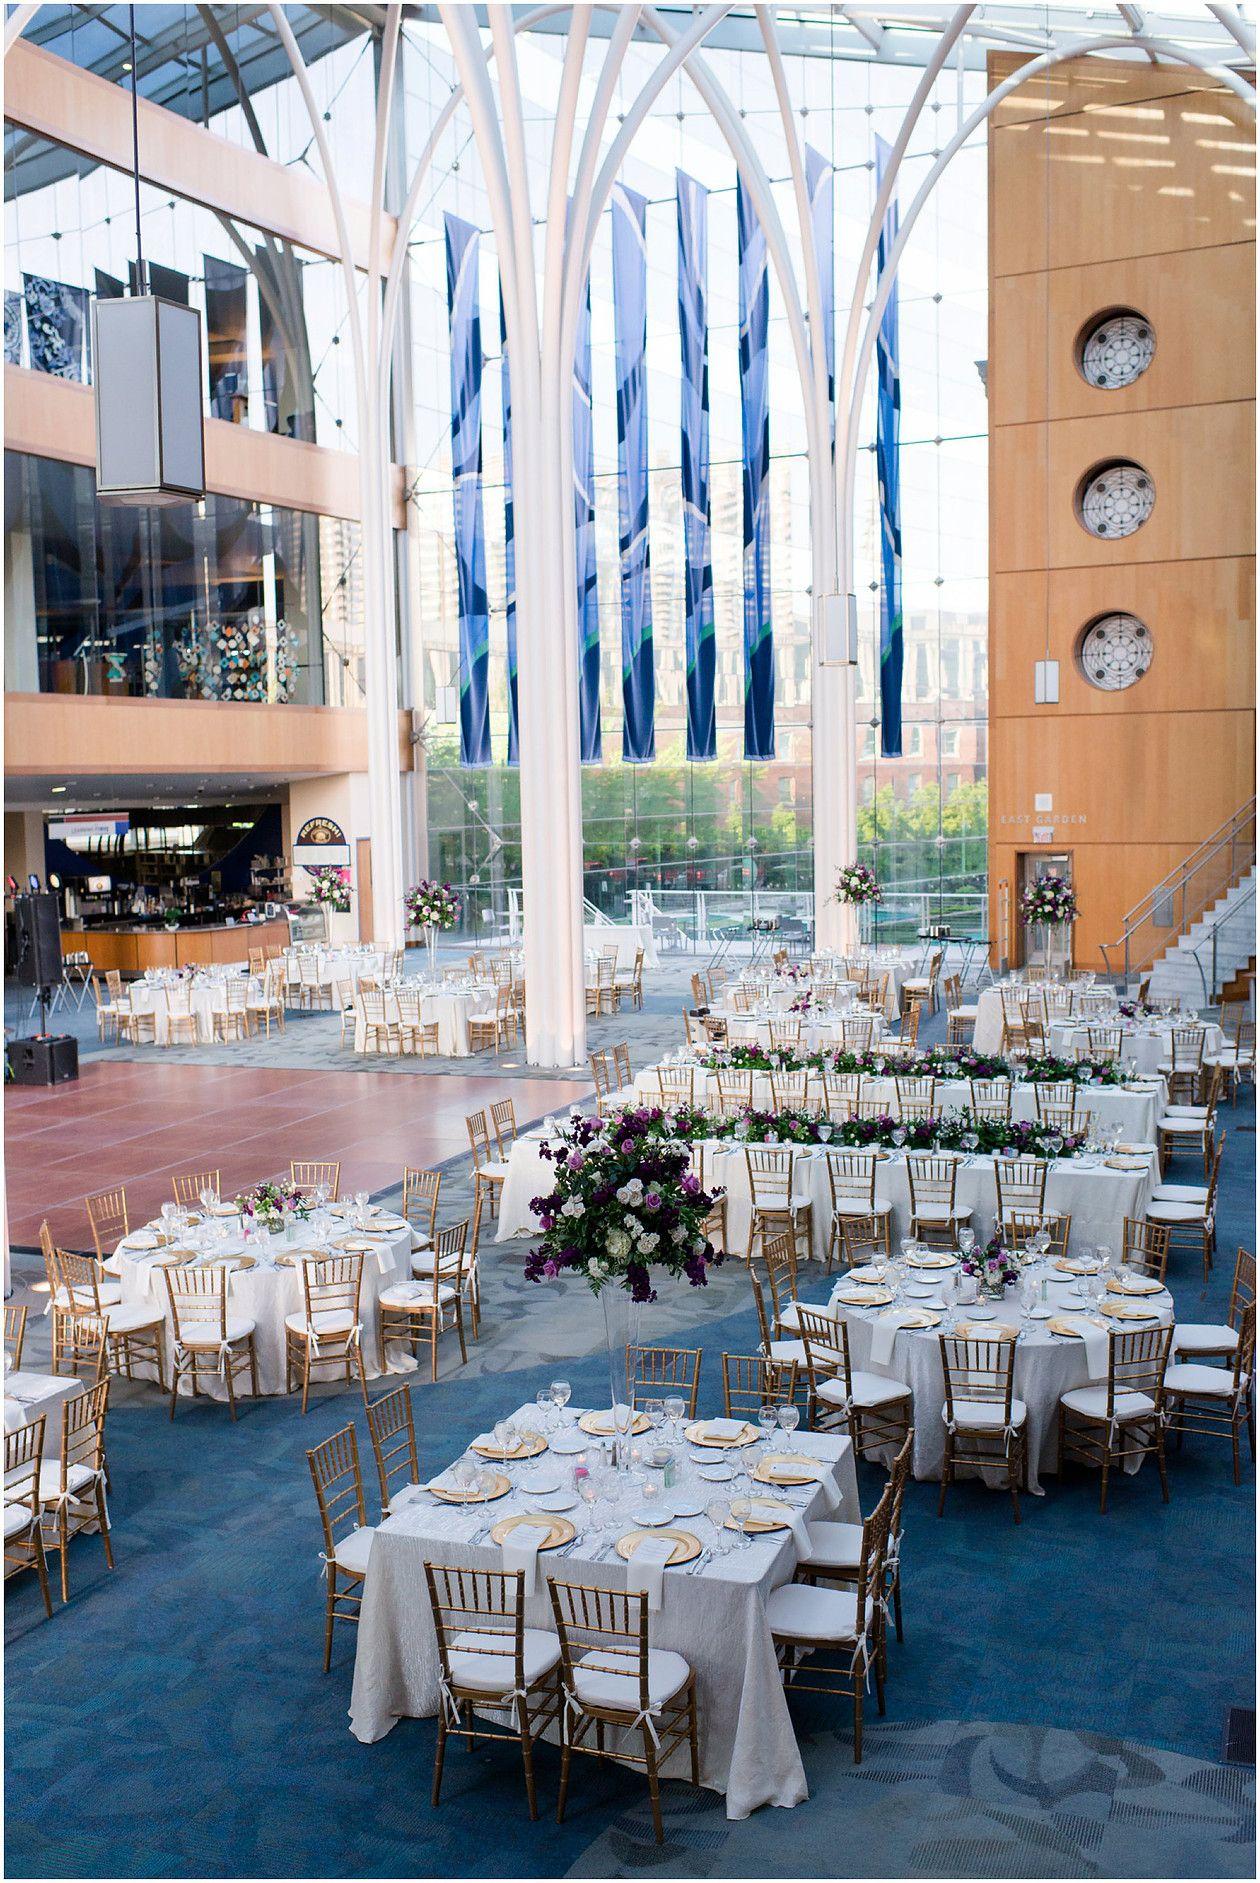 Indianapolis Central Library, Indianapolis public library wedding reception, Atrium